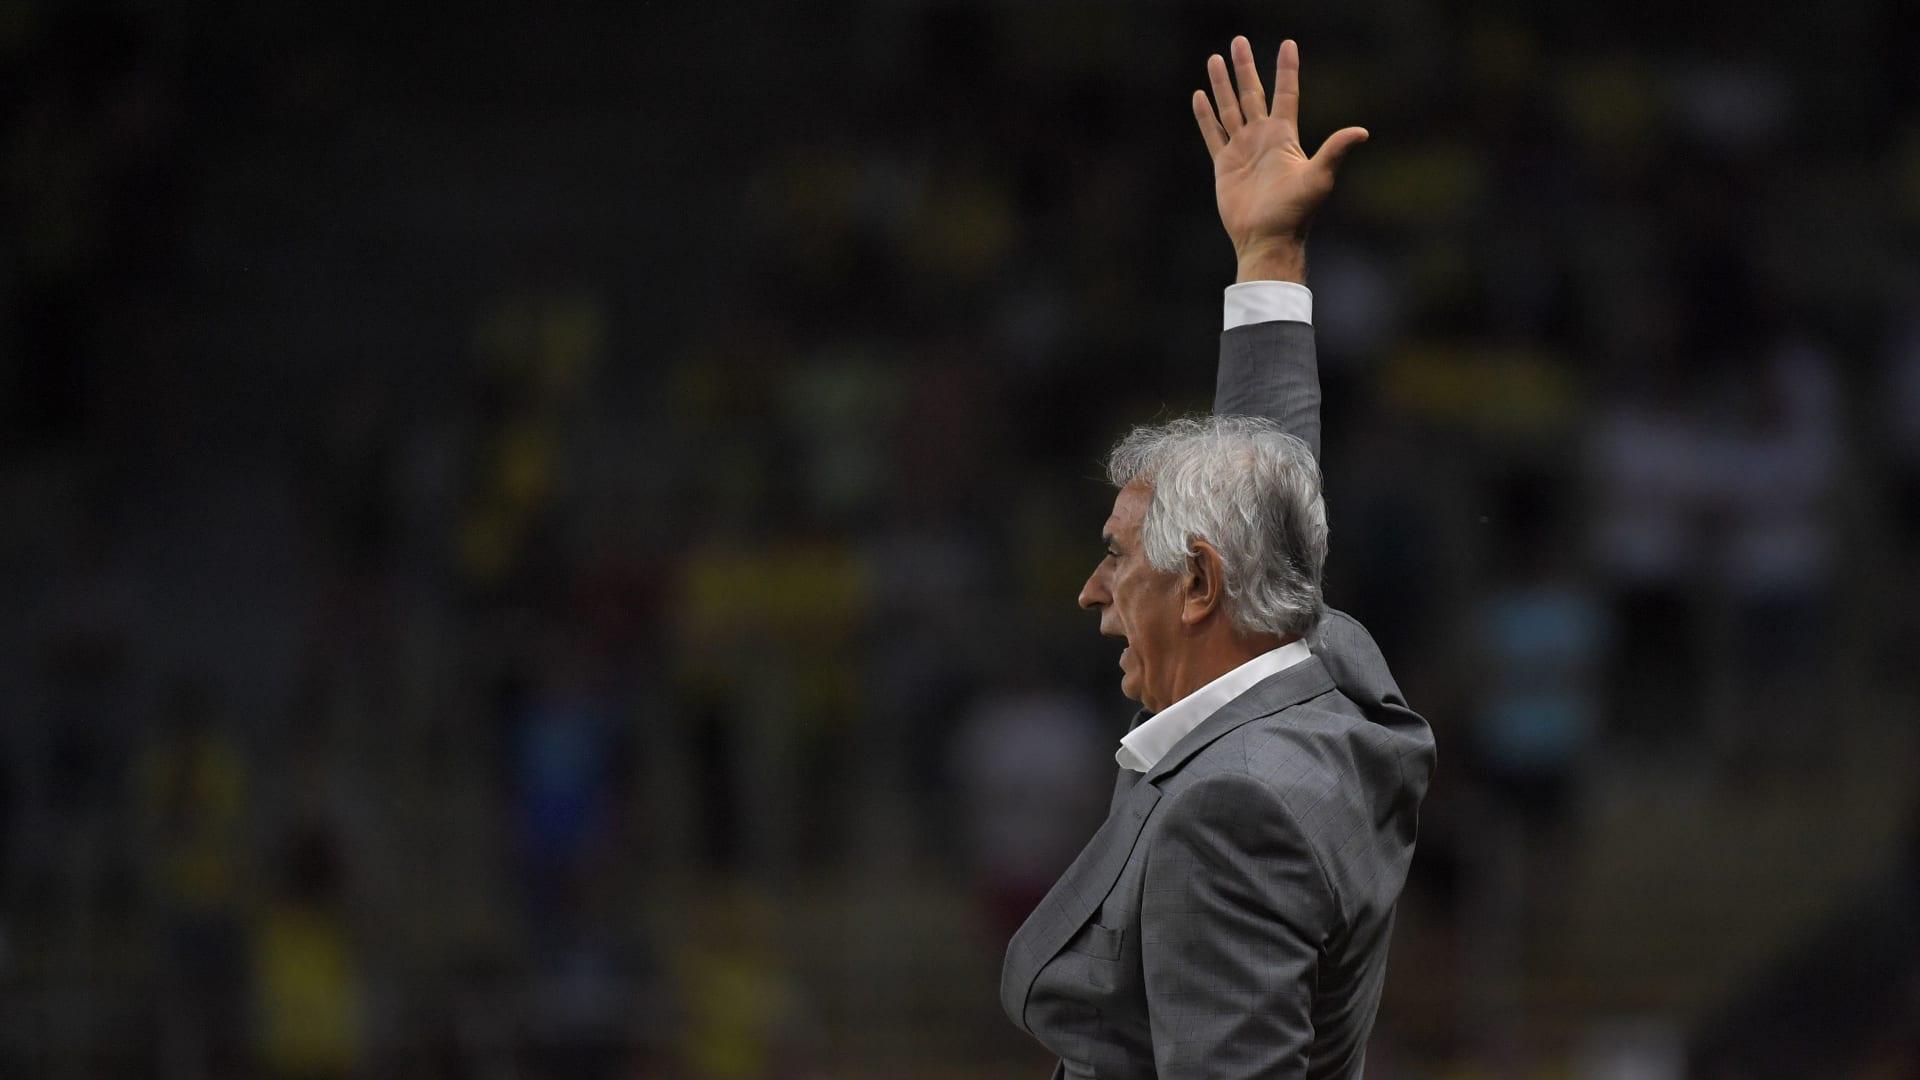 المغرب يعلن تعيين وحيد خليلوزيتش مدربا للمنتخب.. فما هي إنجازاته في أفريقيا؟